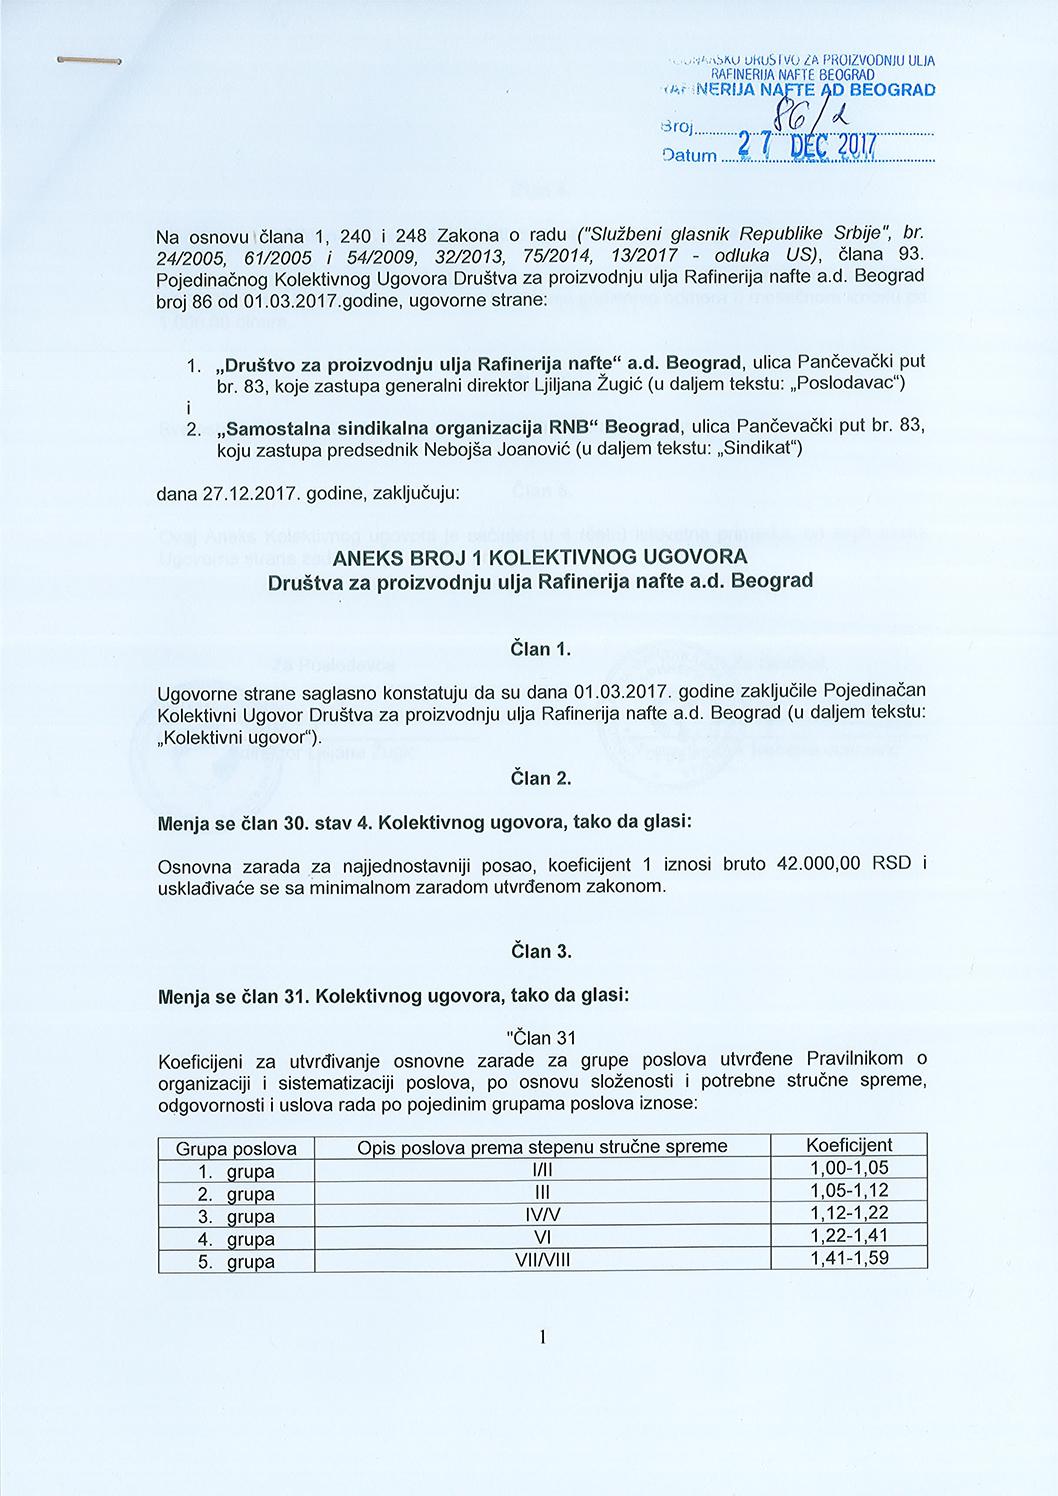 Aneks broj 1 Kolektivnog ugovora Društva za proizvodnju ulja Rafinerija nafte a.d. Beograd